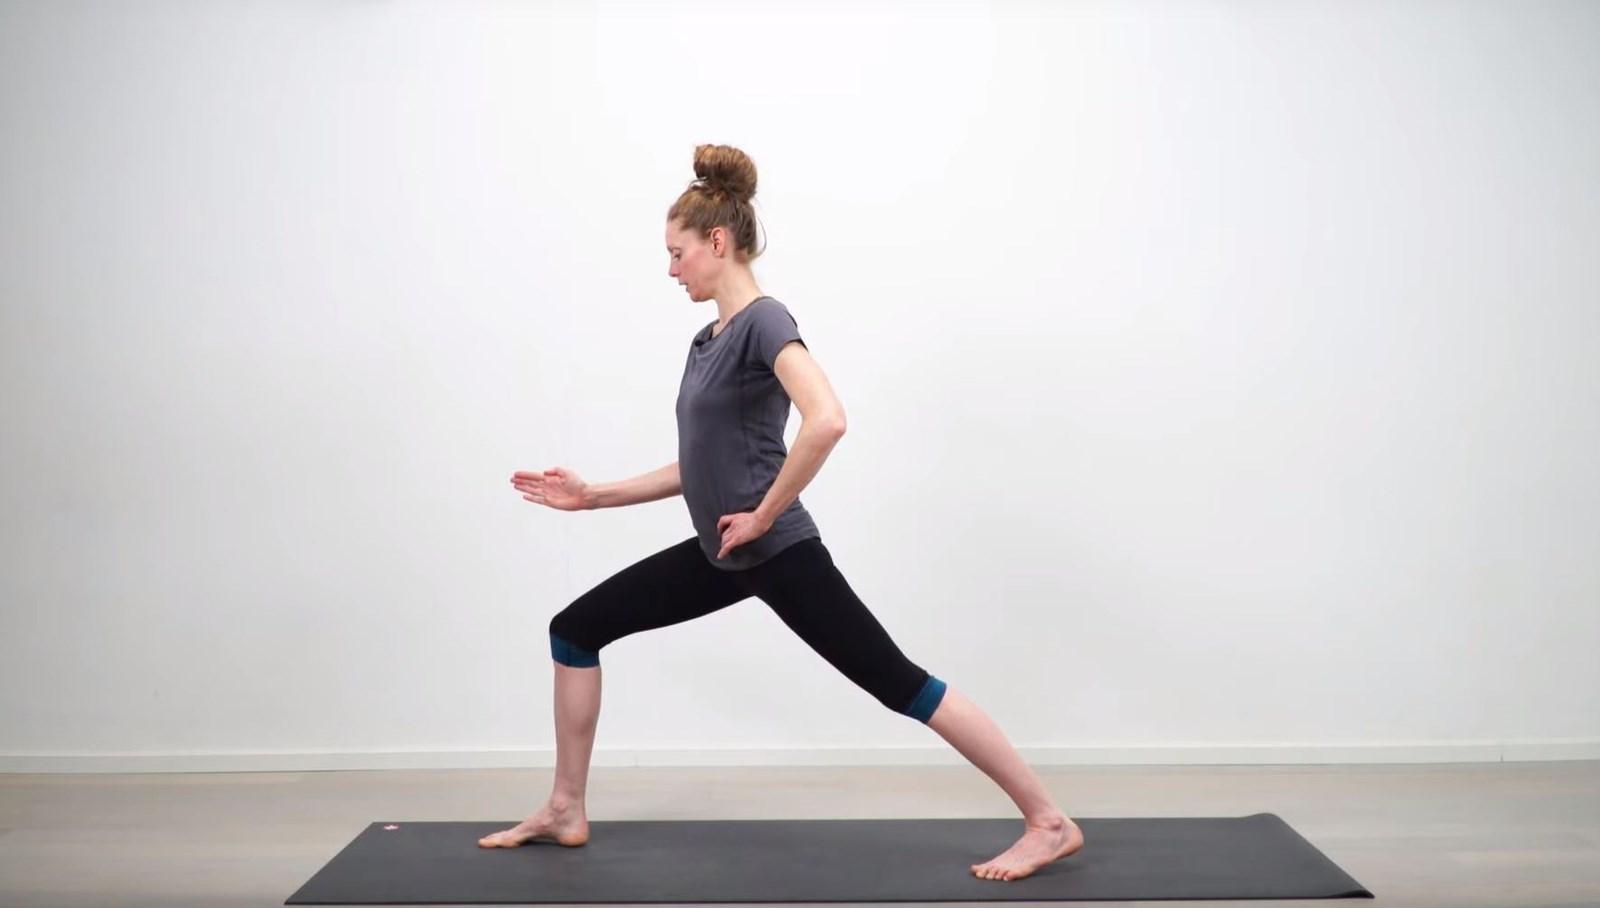 Mit Yoga aufs Radfahren vorbereiten